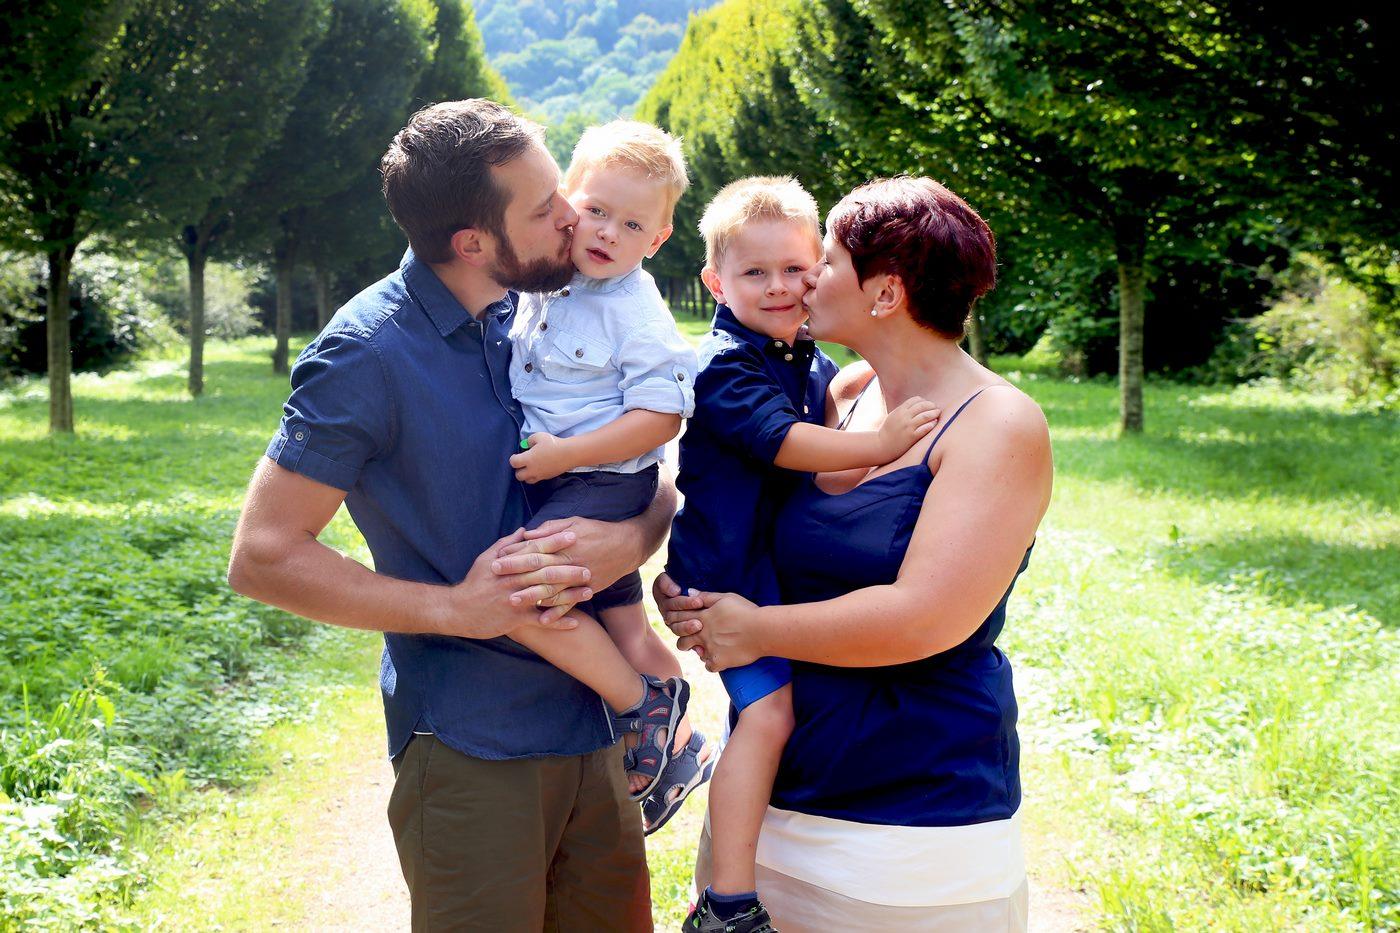 Familienshooting vor Baumallee mit zwei Kindern